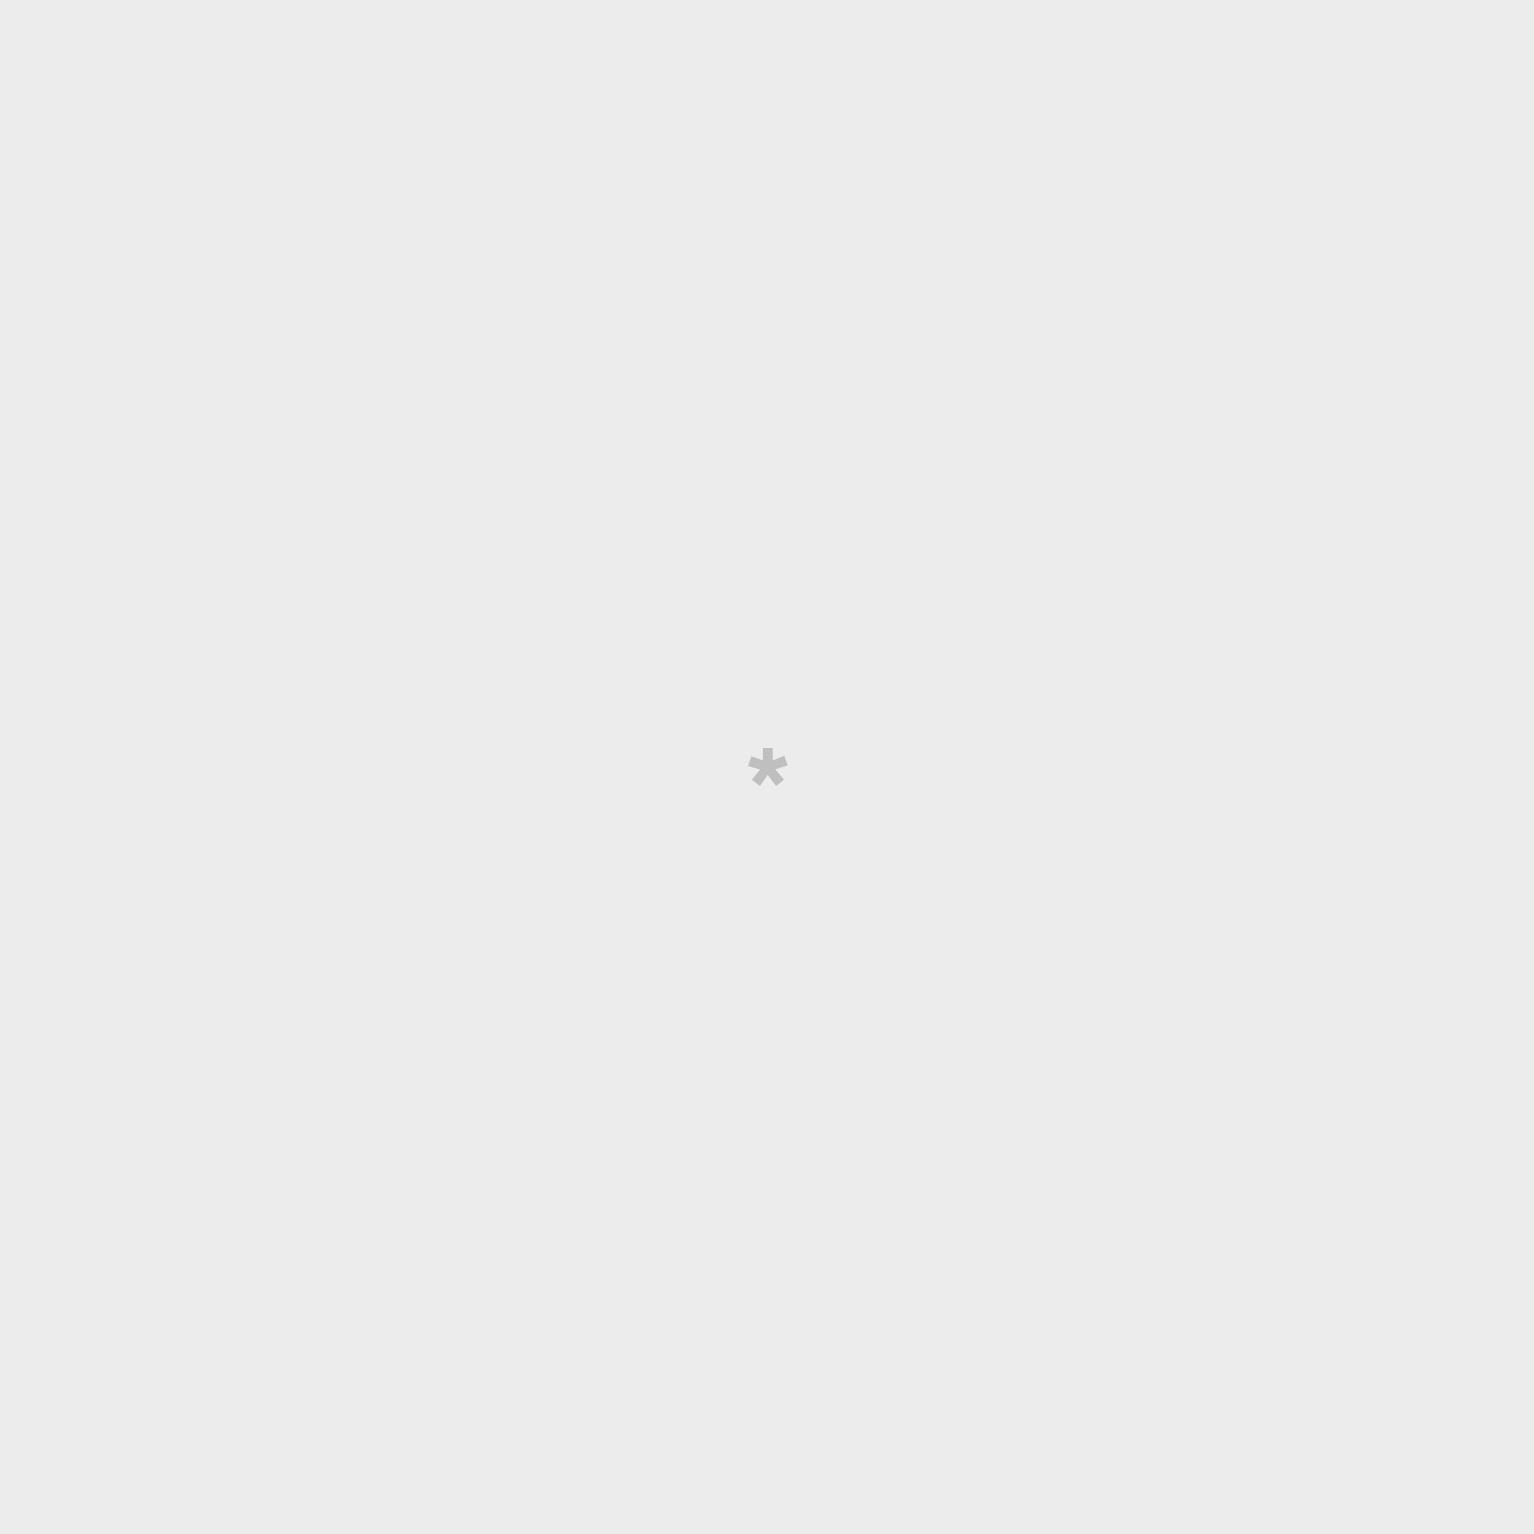 Album photos - Toi, moi et tout ce qui nous est arrivé de beau (FR)